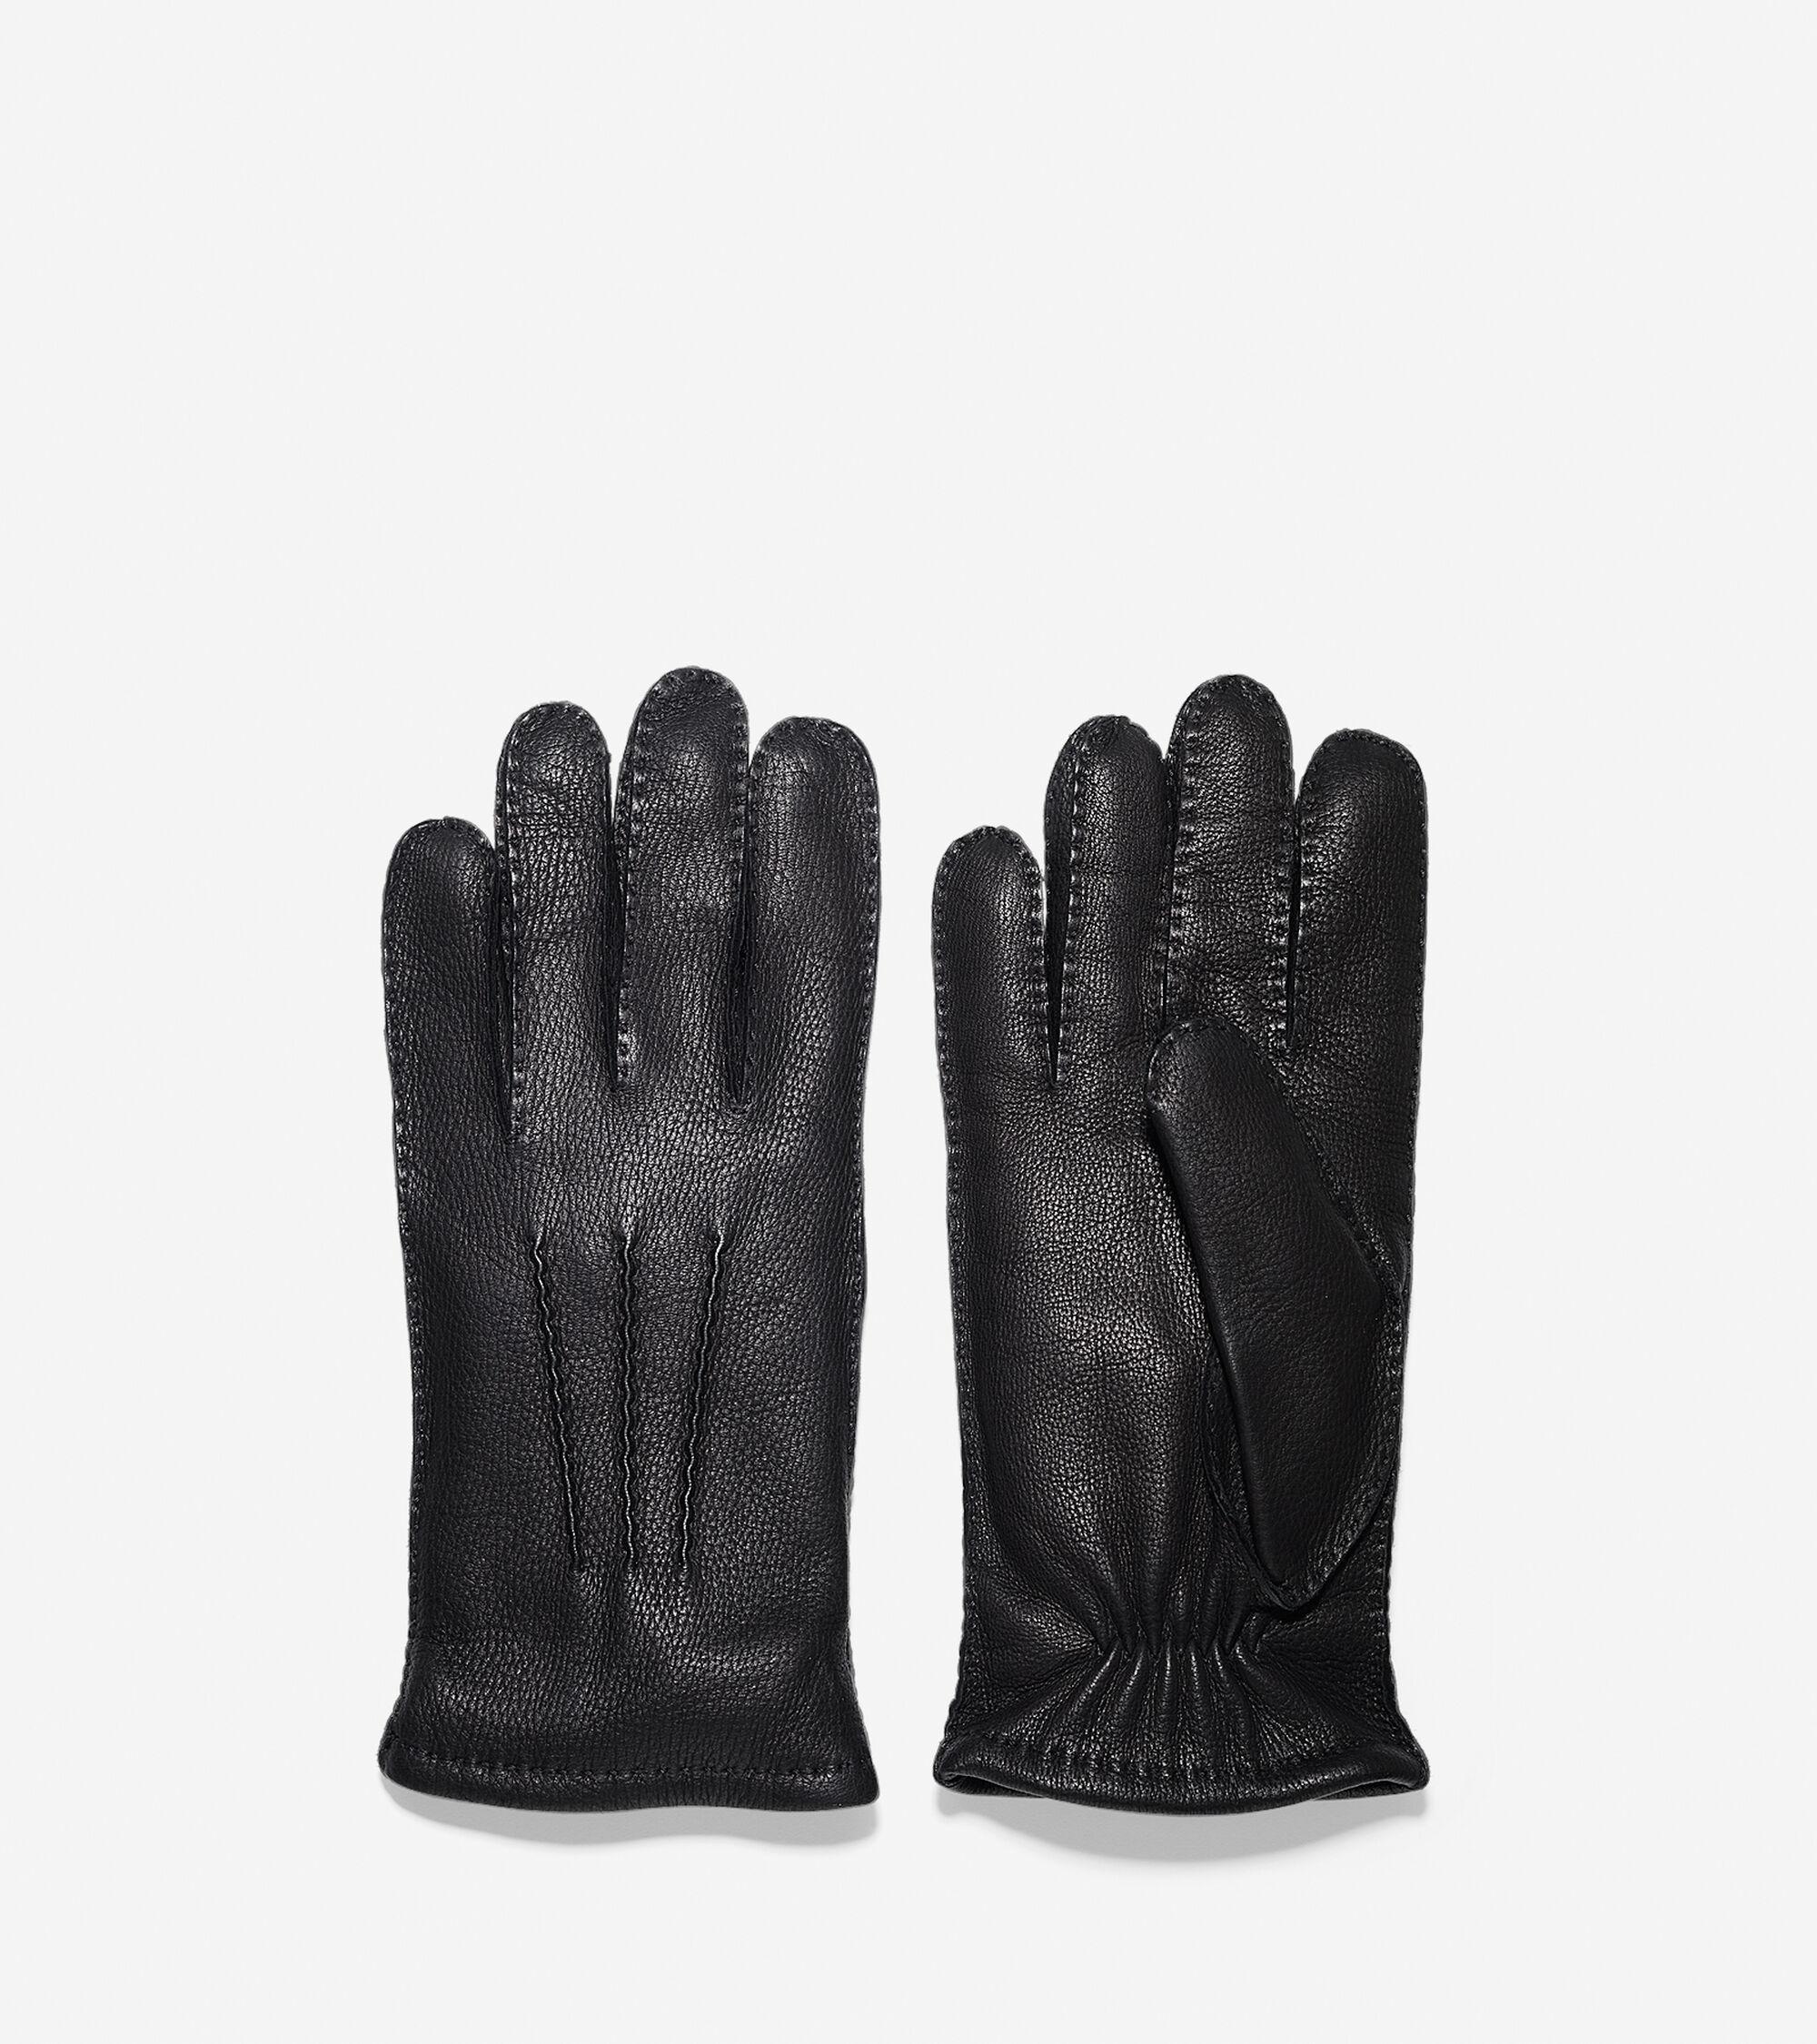 Mens deerskin gloves - Handsewn Deerskin Leather Gloves Handsewn Deerskin Leather Gloves